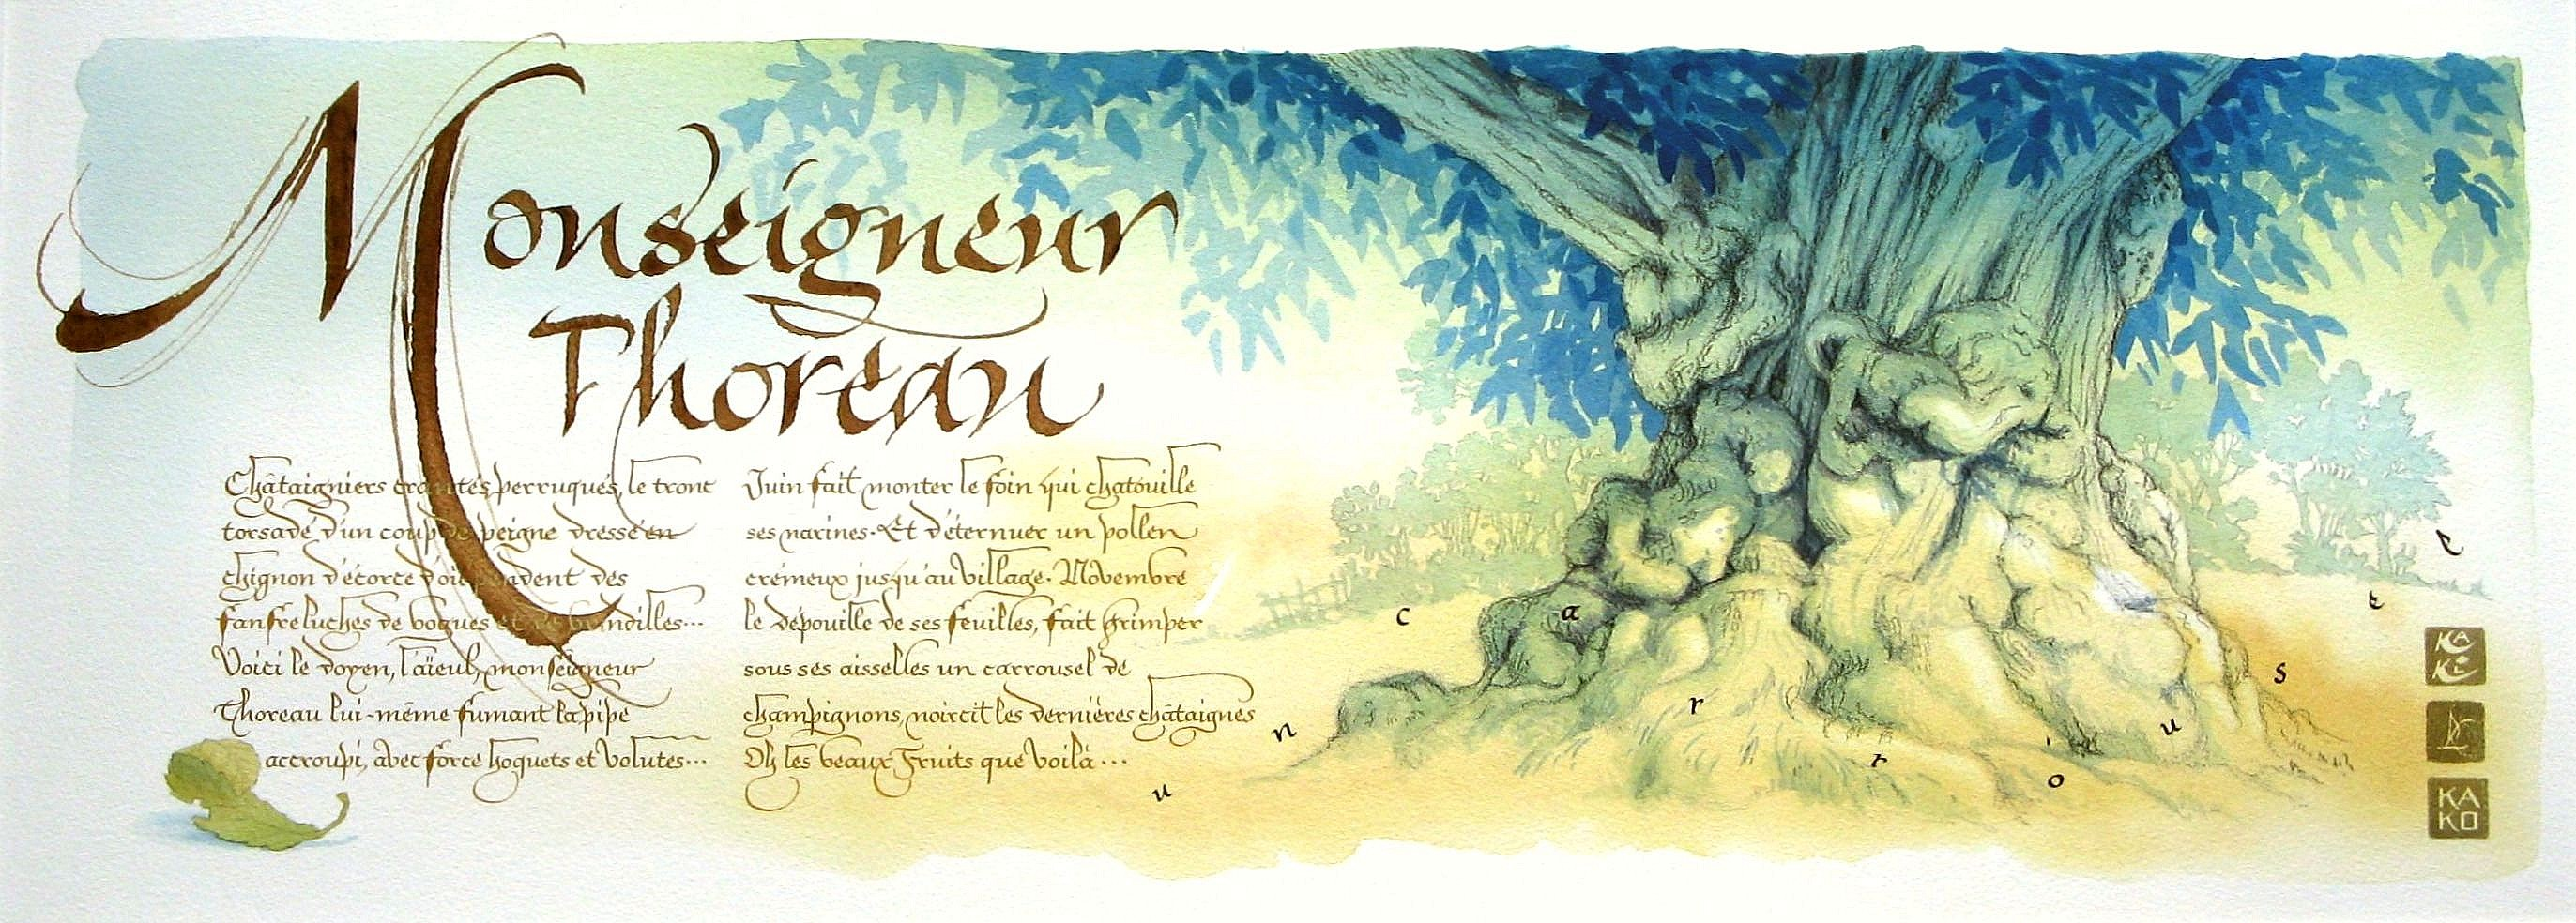 MONSEIGNEUR THOREAU calligraphie R.Lempereur